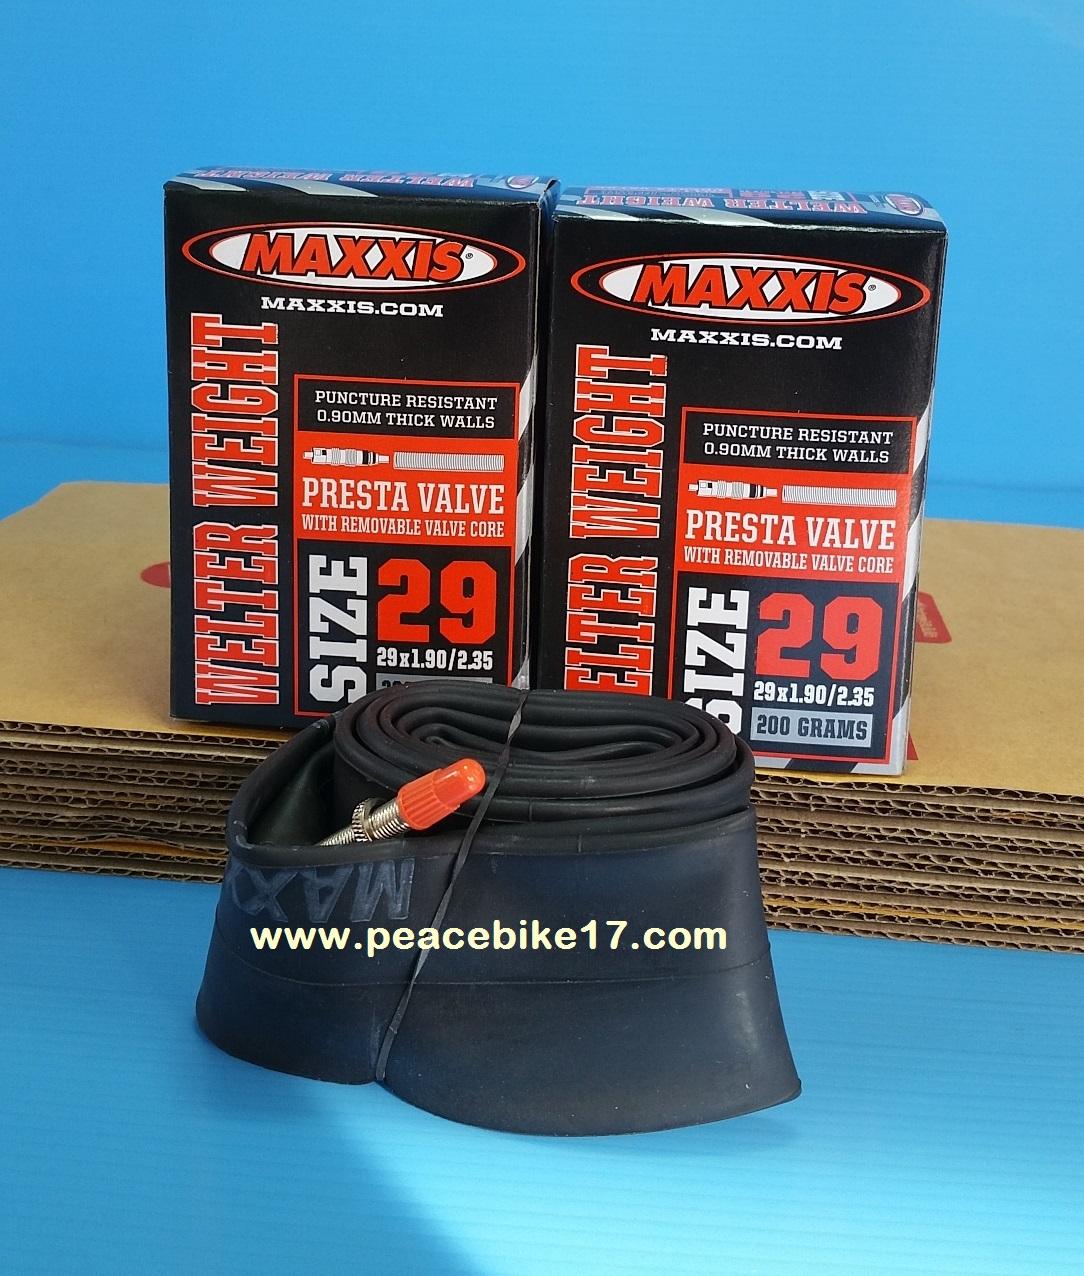 ยางใน MAXXIS 29x1.90/2.35 (จุีบเล็ก) รุุ่น Welter Weight หนัก 140g.หนา 0.90 mm.